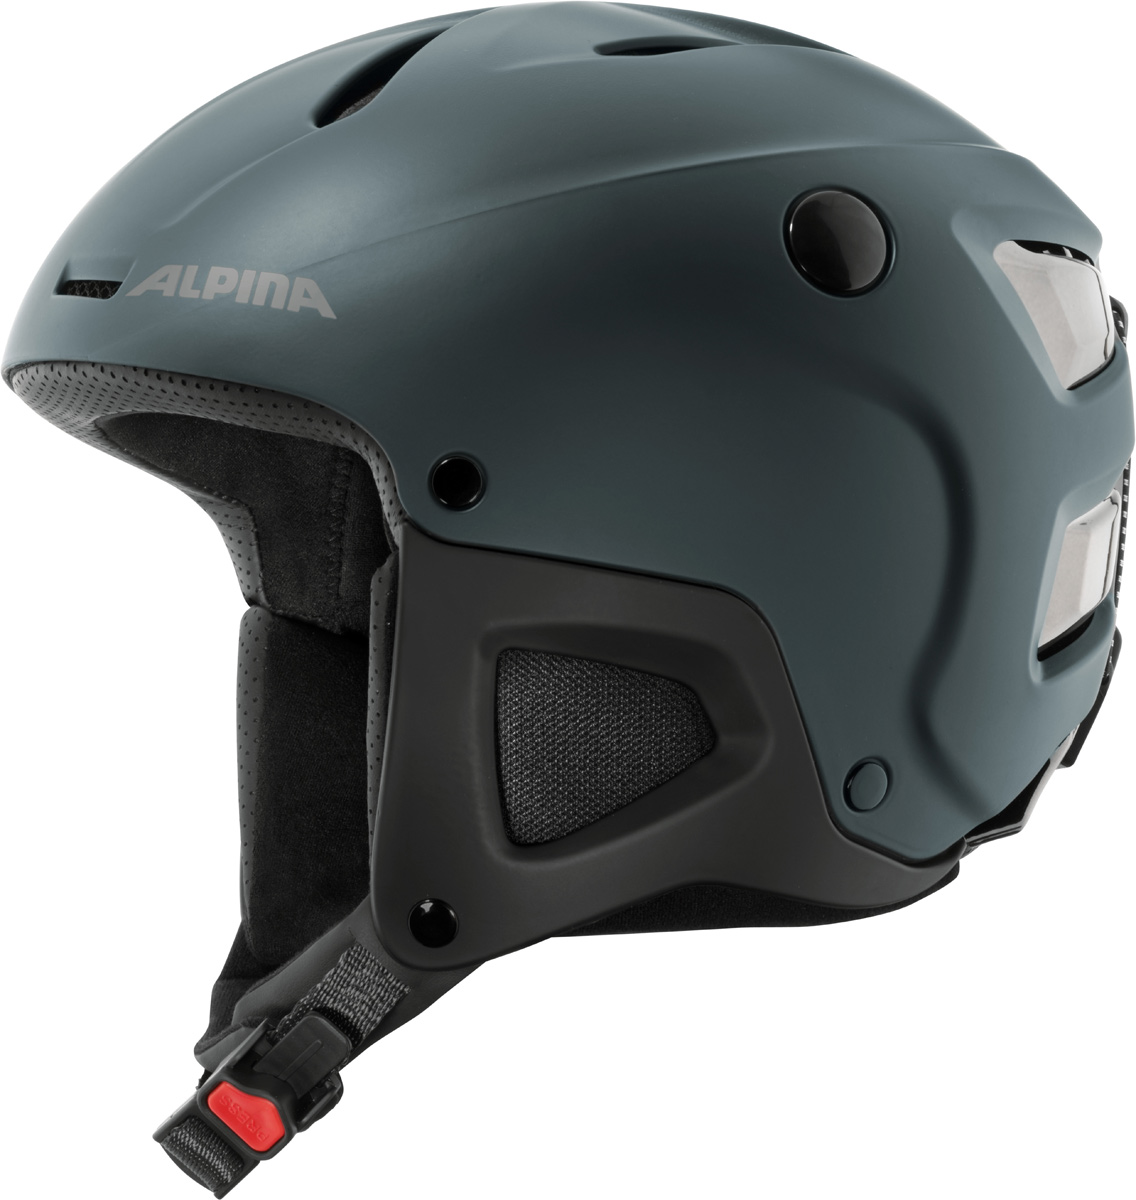 Шлем горнолыжный Alpina Attelas, цвет: темно-синий. A9089_80. Размер 58-61A9089_80Запатентованная новая революционная технология ERGO3 позволяет подстроить размер верхней части шлема по голове. Простая и интуитивно понятная регулировка позволяет добиться идеальной посадки на голову любой формы. Точная система с храповым замком позволяет простым движением руки сделать шире или уже и внутреннюю часть шлема. Система ERGO3 обеспечивает не только изменение объема, но и комфорт третьего поколения.Что взять с собой на горнолыжную прогулку: рассказывают эксперты. Статья OZON Гид